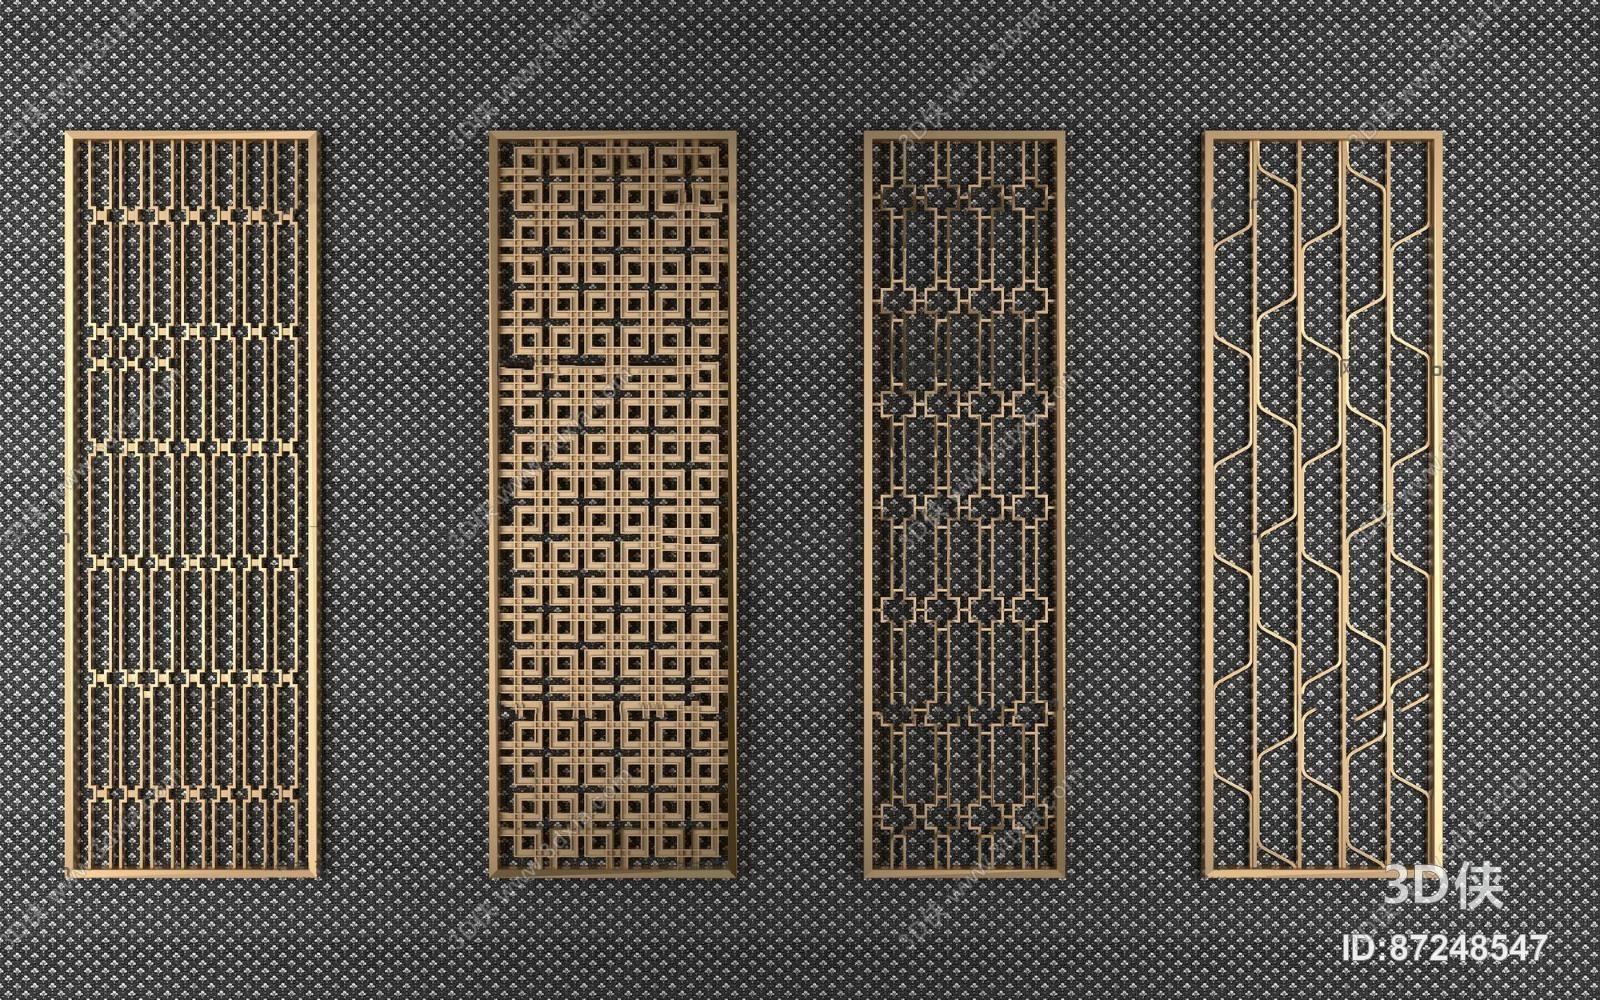 效果图素材免费下载,本作品主题是现代金属隔断屏风组合3d模型,编号是